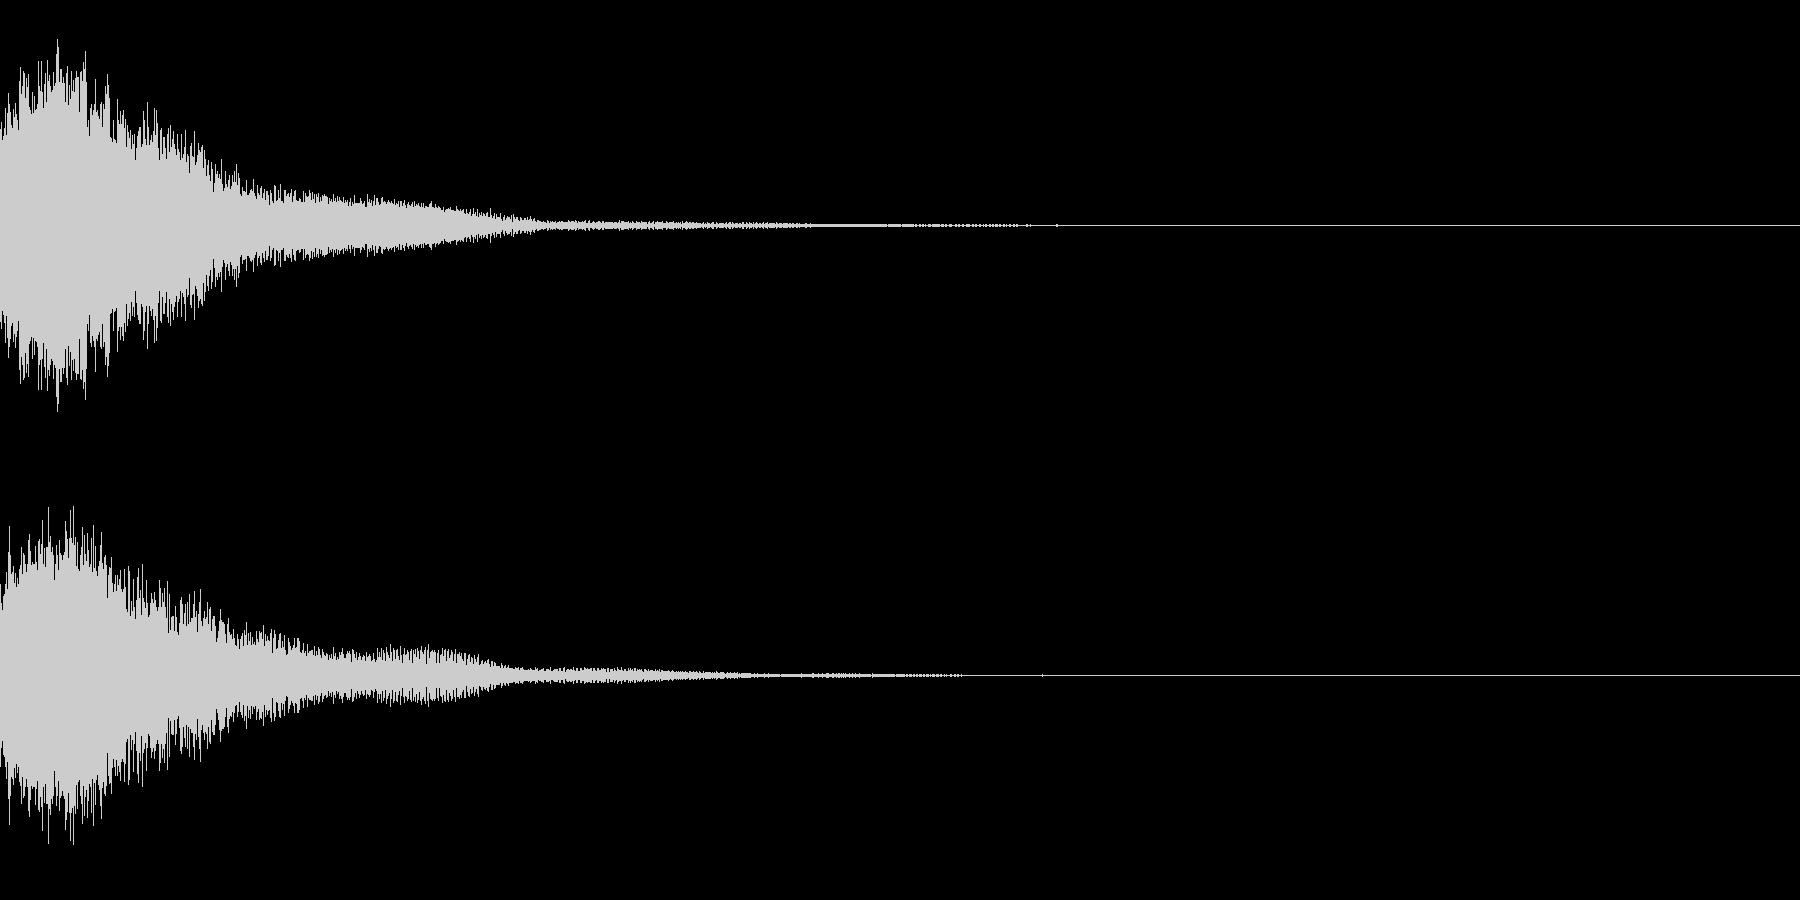 システム起動音_その6の未再生の波形